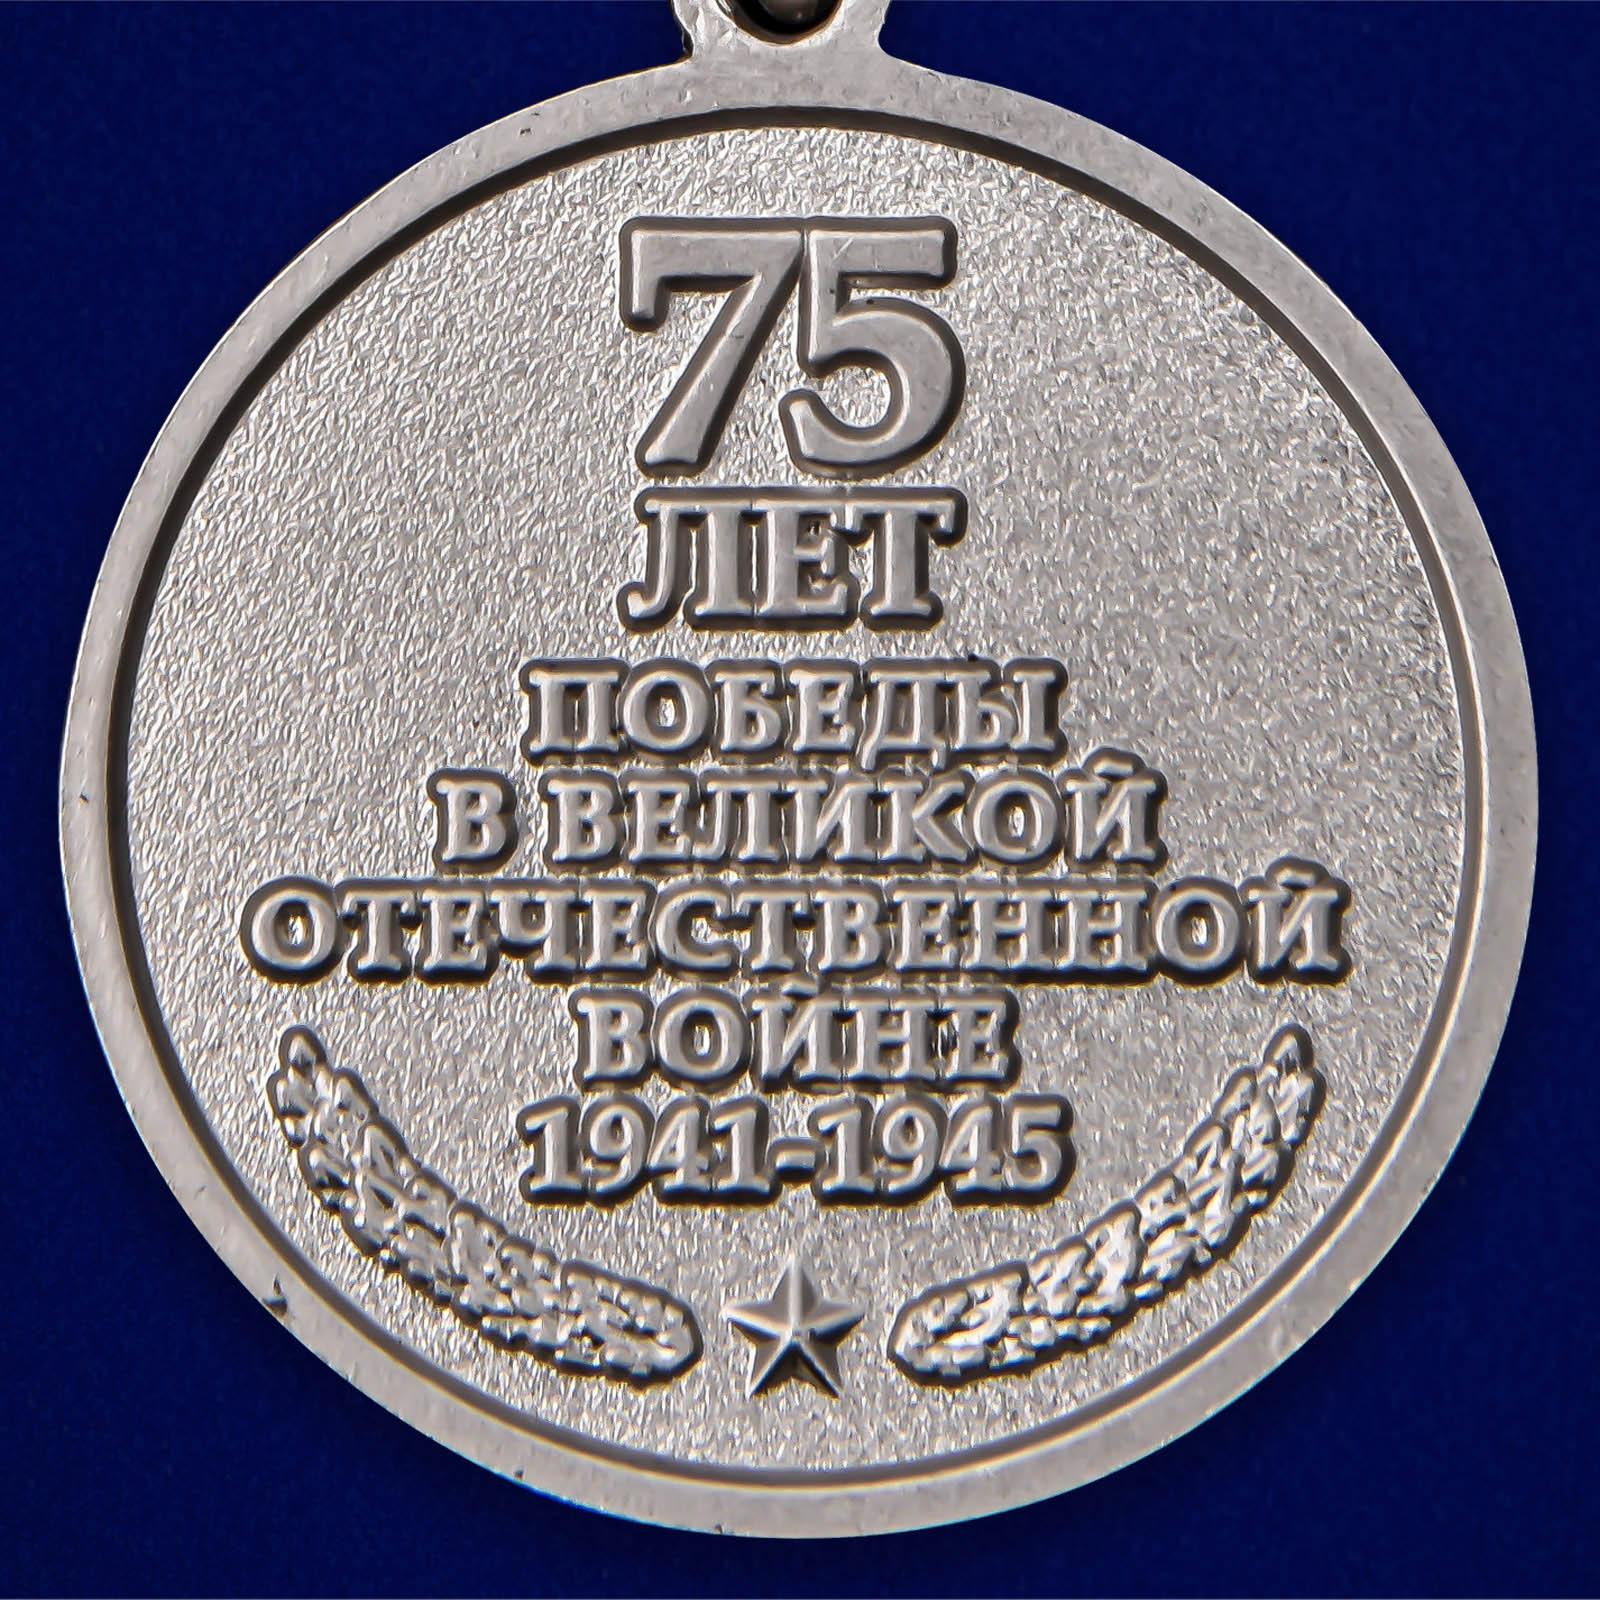 """Юбилейная медаль """"75 лет Победы в ВОВ 1941-1945 гг."""" - реверс"""